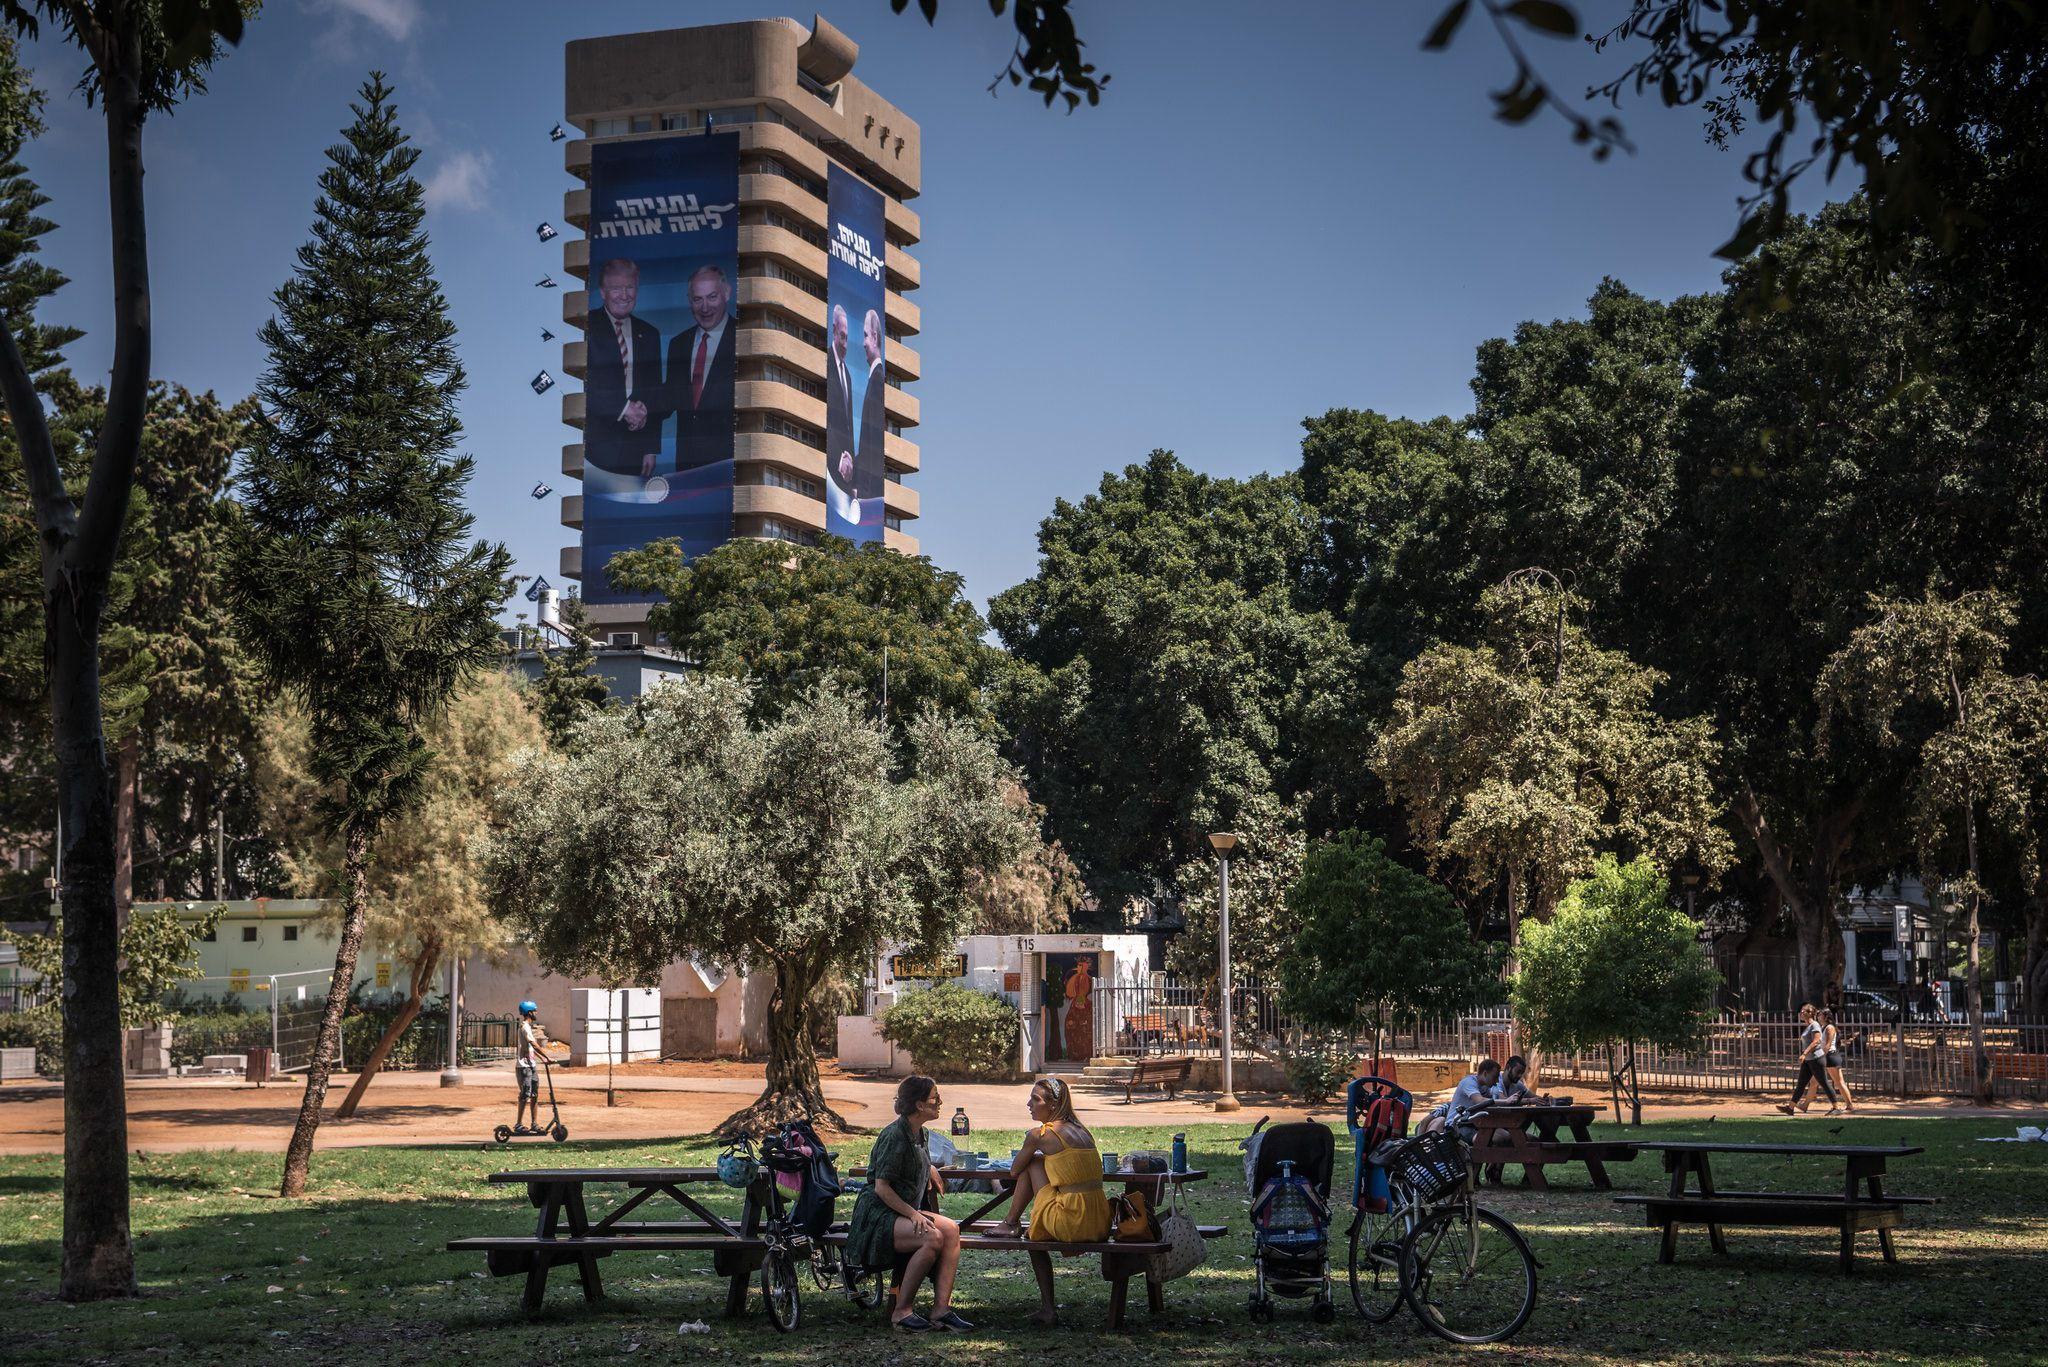 Un anuncio de la campaña de Netanyahu, con el presidente estadounidense, Donald Trump, sobre un parque en Tel Aviv. Netanyahu ha intentado desviar la atención pública lejos del papel que desempeña la religión.